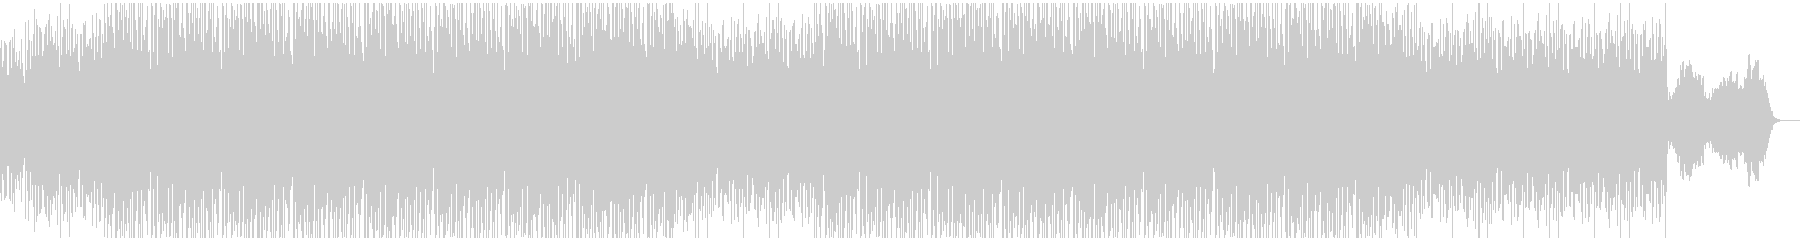 ベースフレーズが印象的/静かなエレクトロの未再生の波形